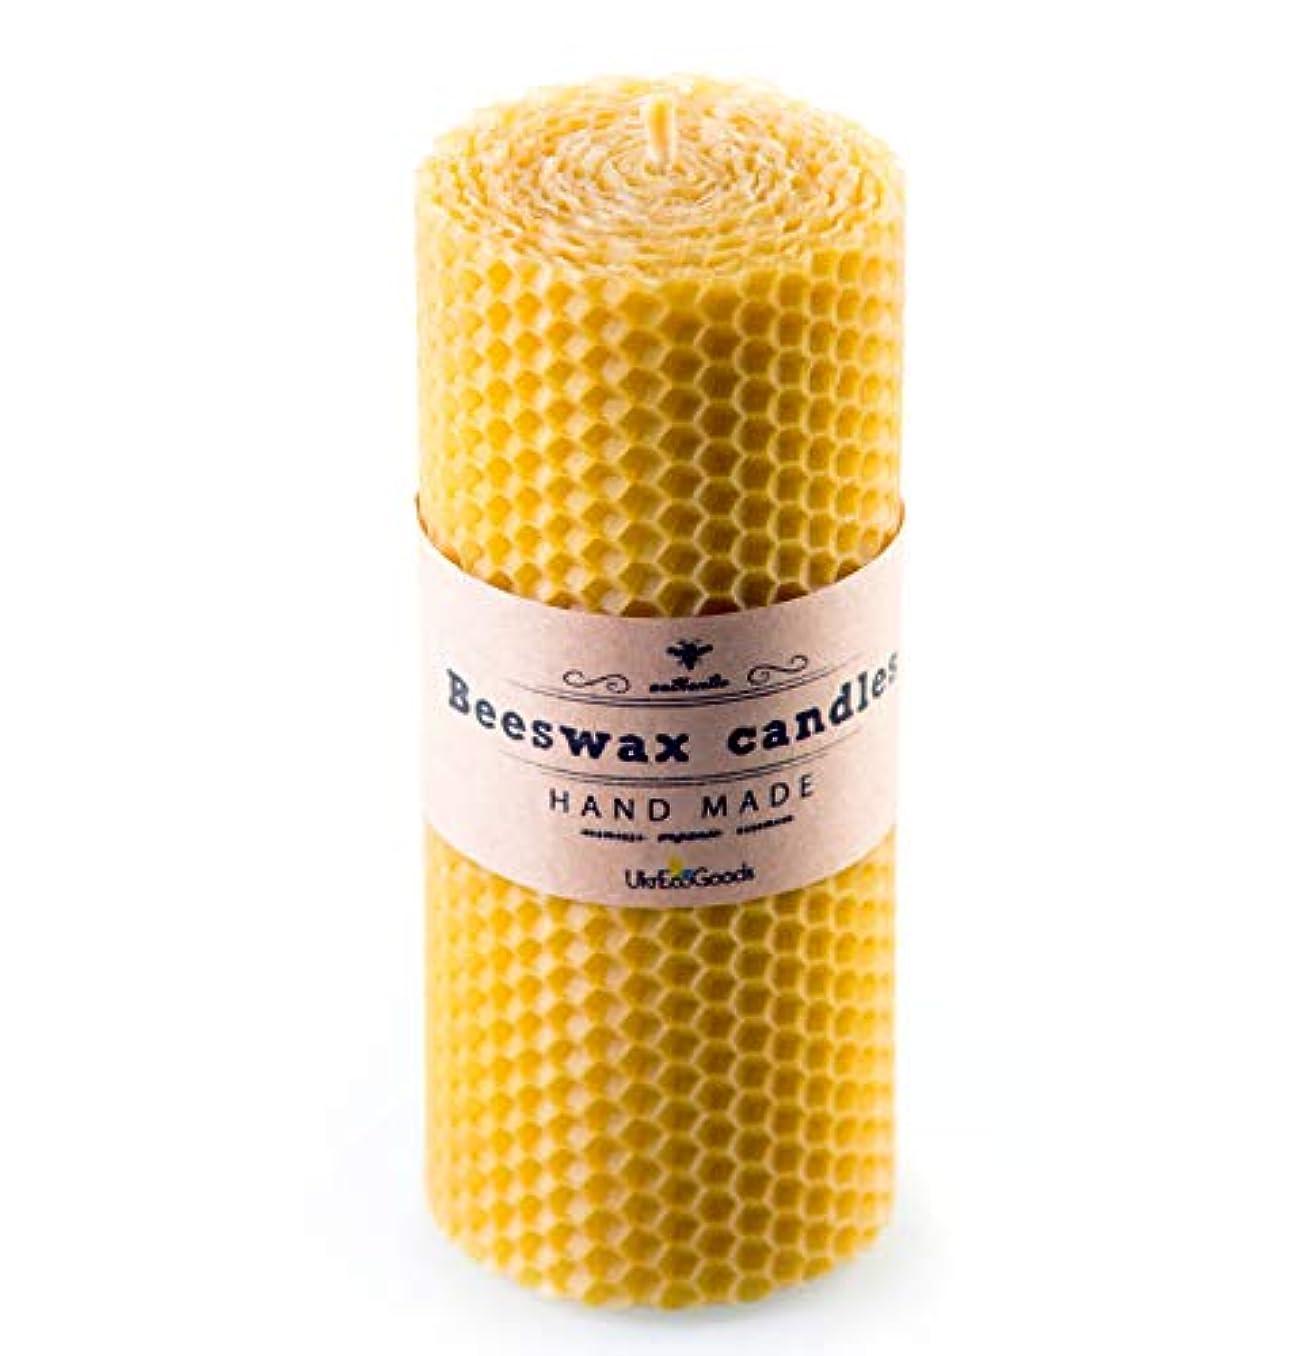 運河矢じりどんよりしたUkrEcoGoods Beeswax Candle, 15cm Hand Rolled Pillar candle with pure natural wax scent.